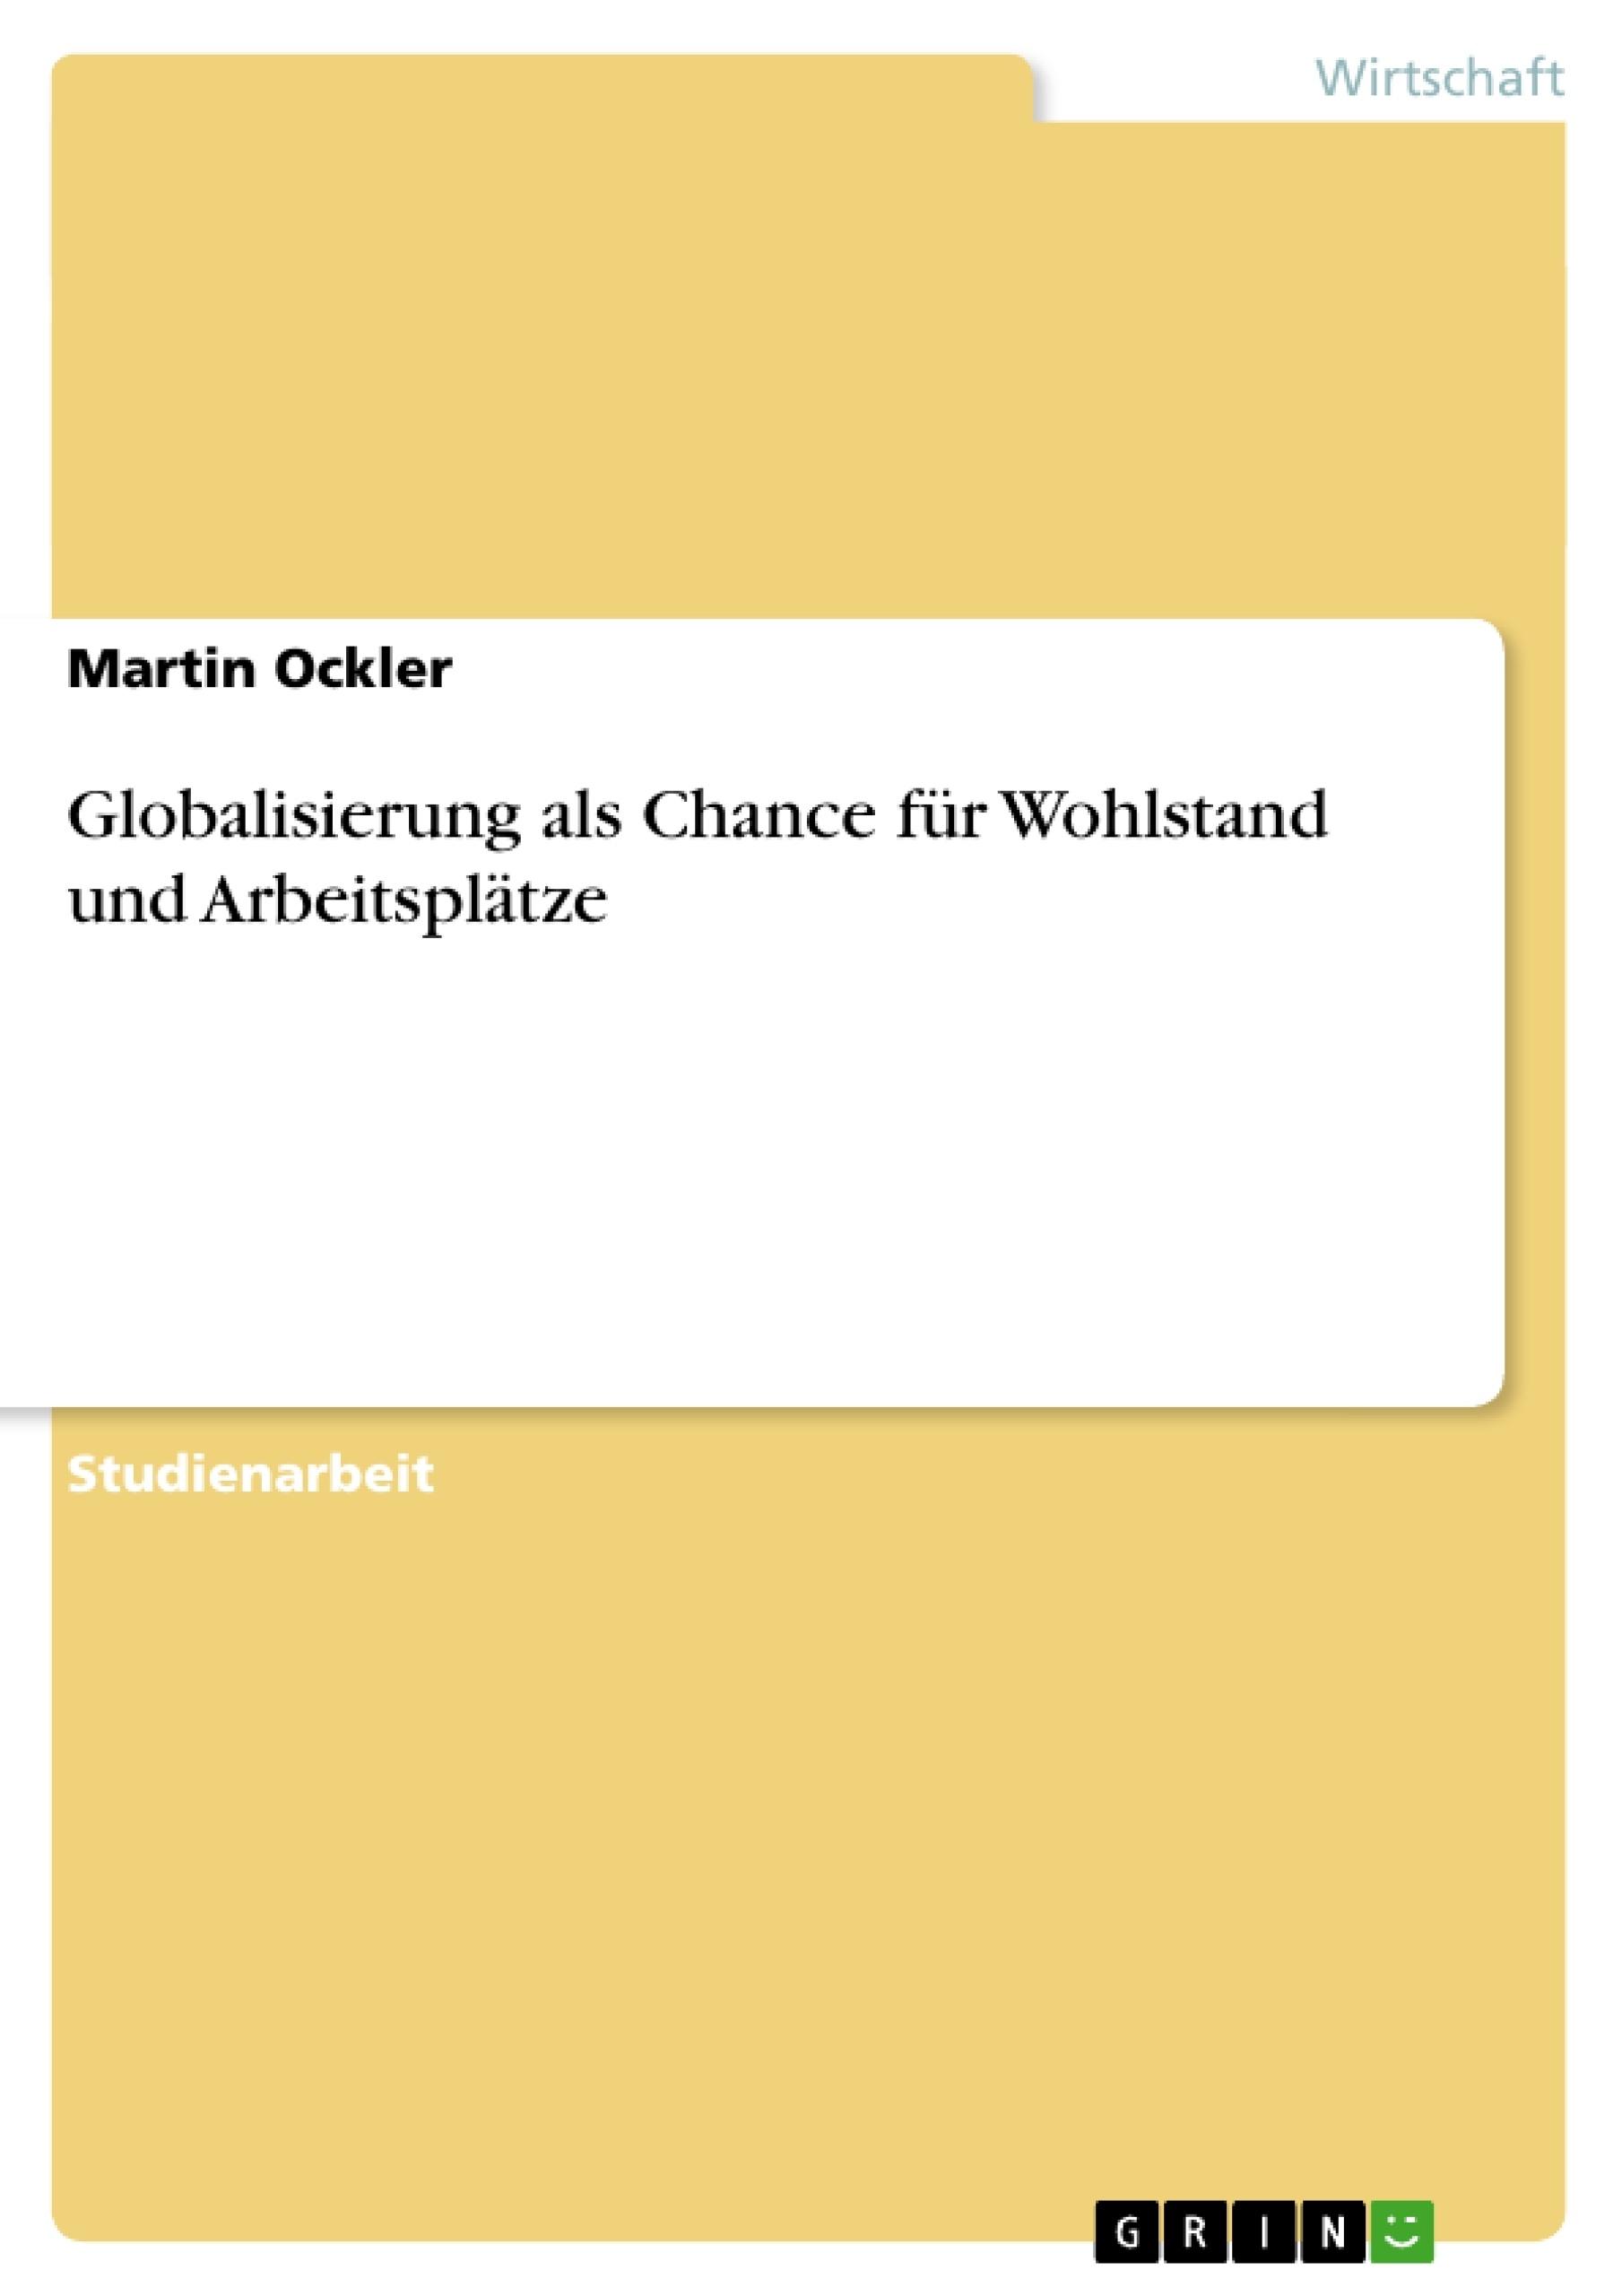 Titel: Globalisierung als Chance für Wohlstand und Arbeitsplätze